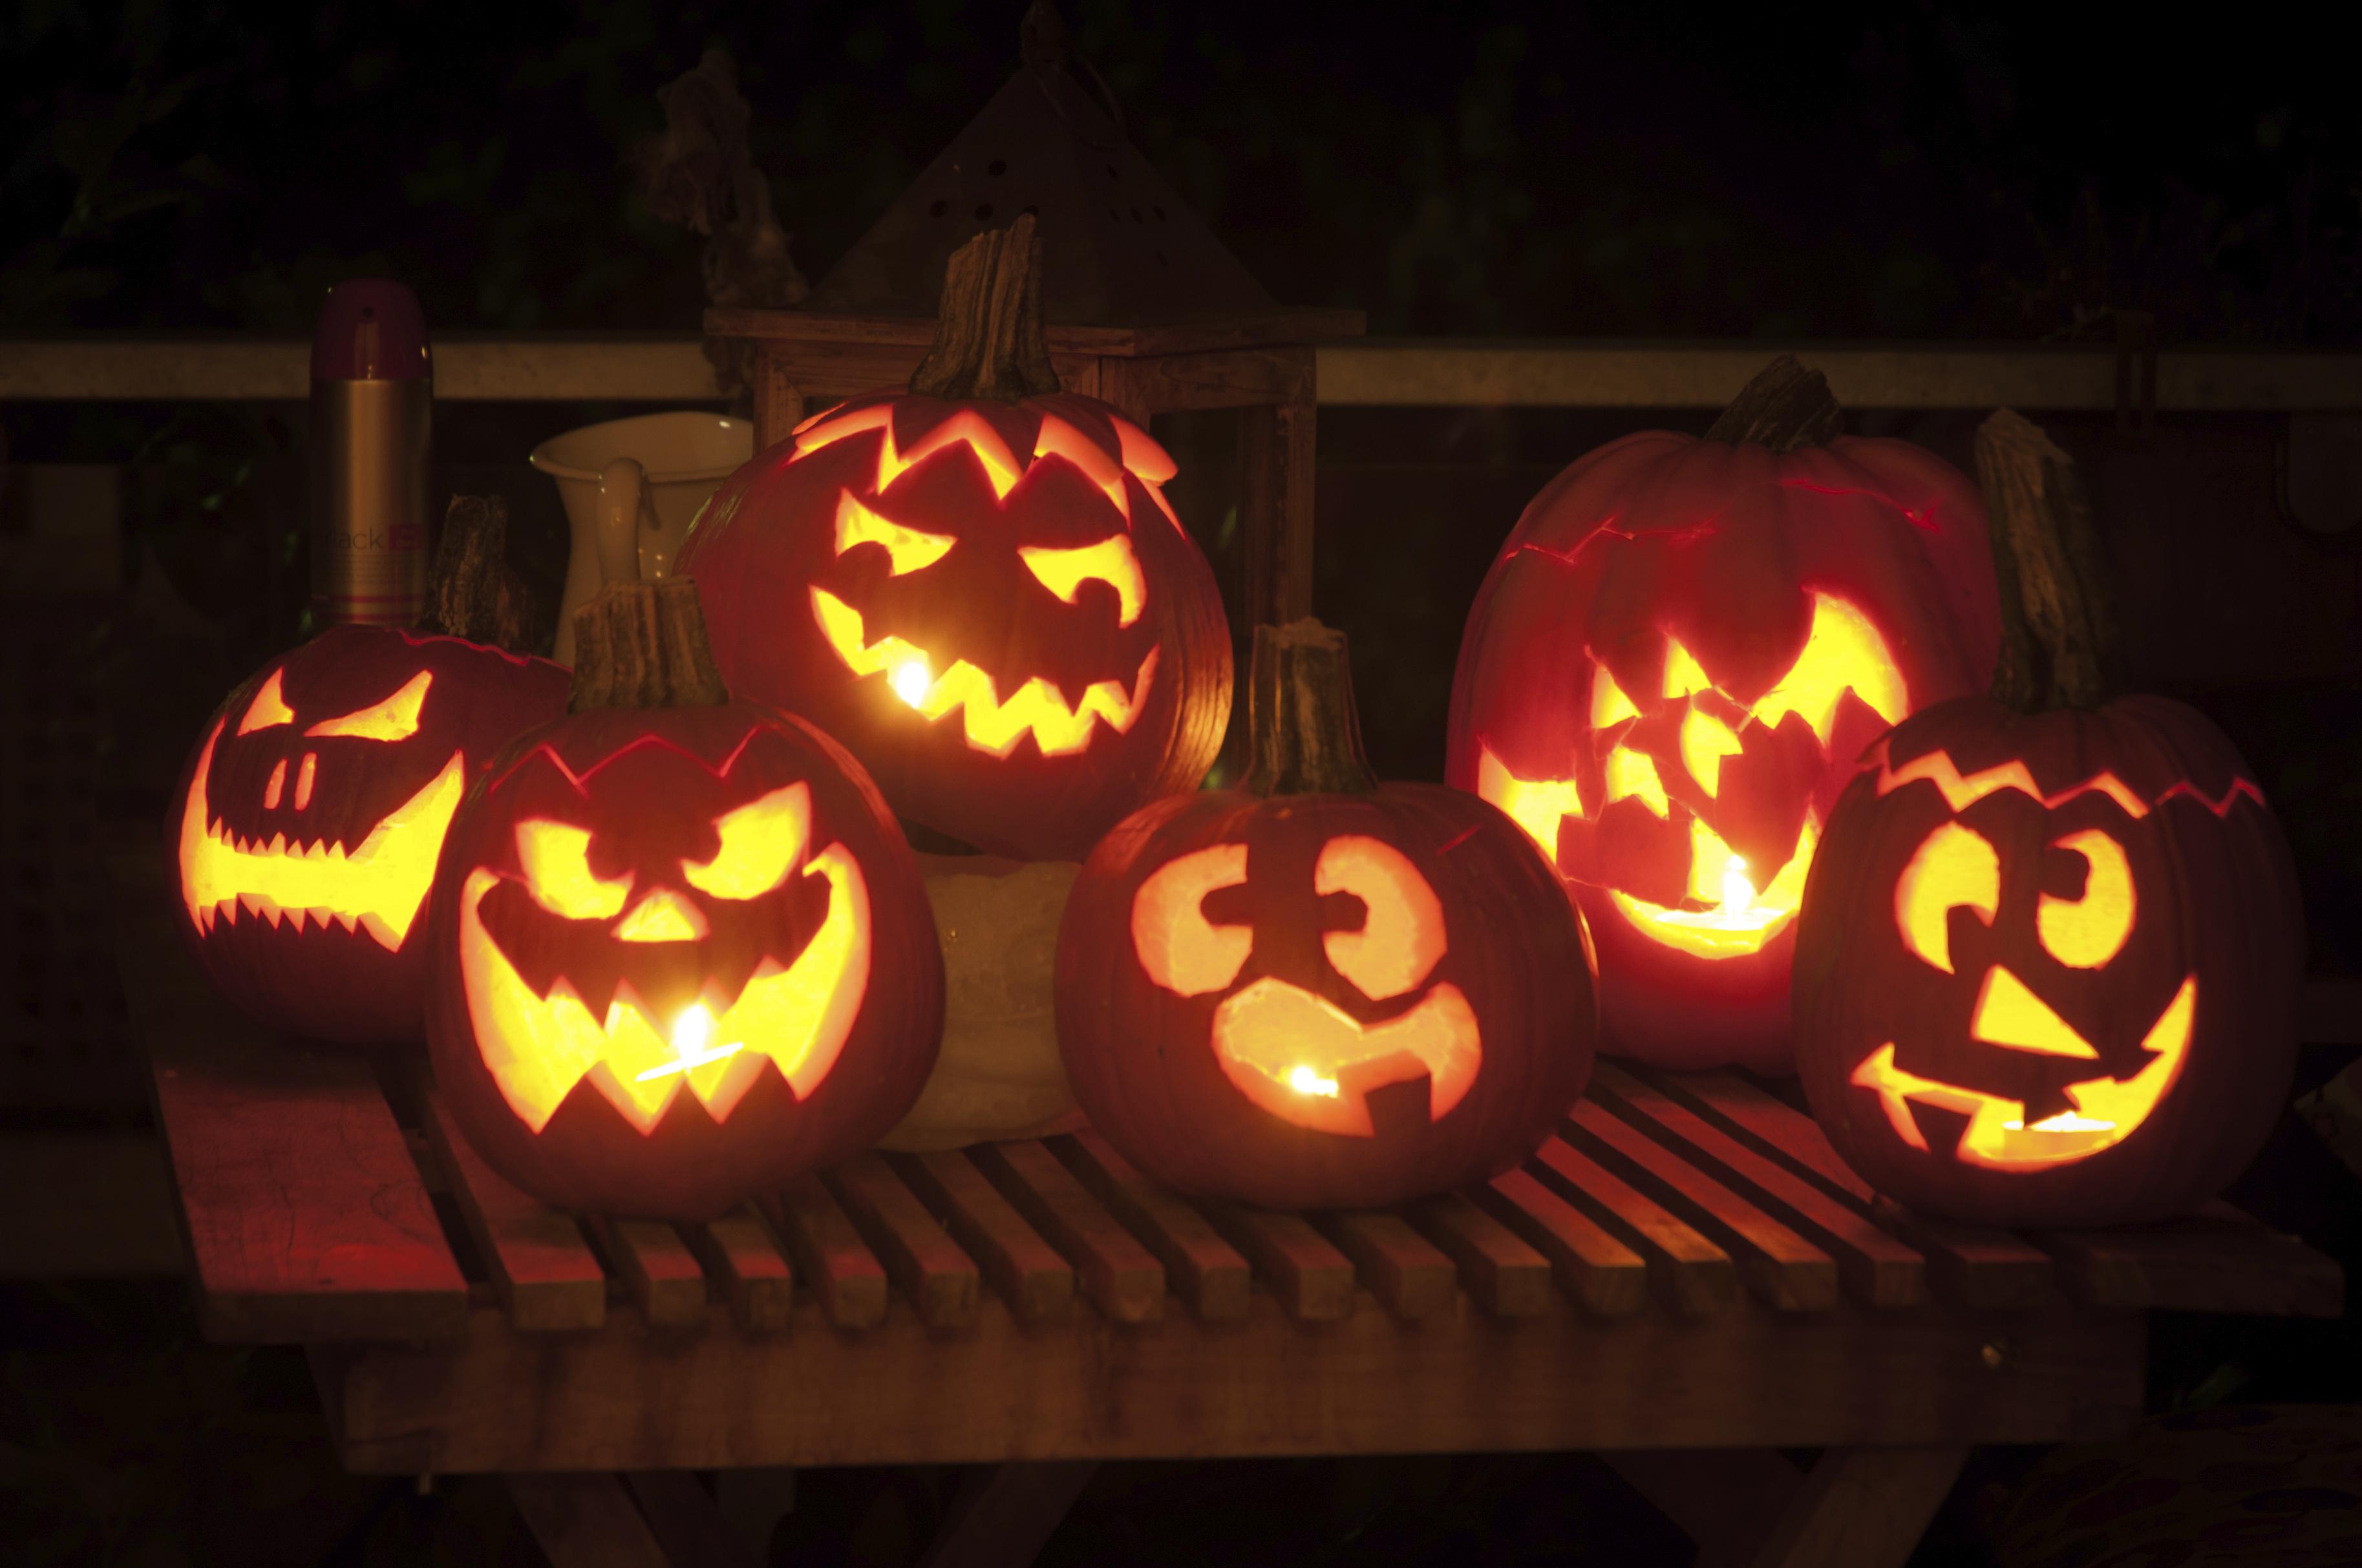 Comment Faire Une Citrouille Pour Halloween.S O S Citrouilles Comment Récupérer Votre Citrouille D Halloween